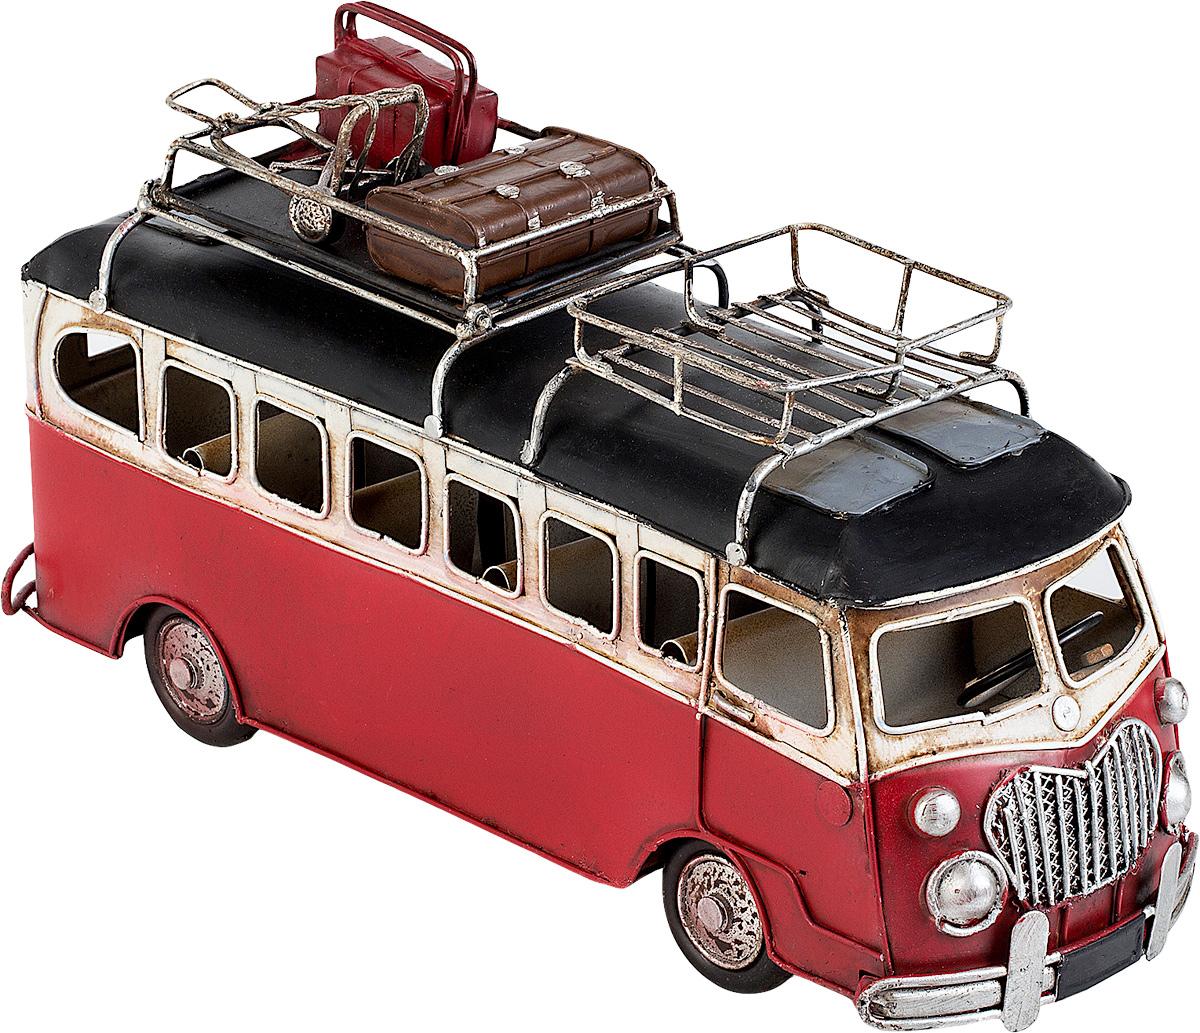 Модель Platinum Автобус. 1404E-4239JP-37/ 8Модель Platinum Автобус, выполненная из металла, станет оригинальным украшением вашего интерьера. Вы можете поставить модель автобуса в любом месте, где она будет удачно смотреться.Качество исполнения, точные детали и оригинальный дизайн выделяют эту модель среди ряда подобных. Модель займет достойное место в вашей коллекции, а также приятно удивит получателя в качестве стильного сувенира.